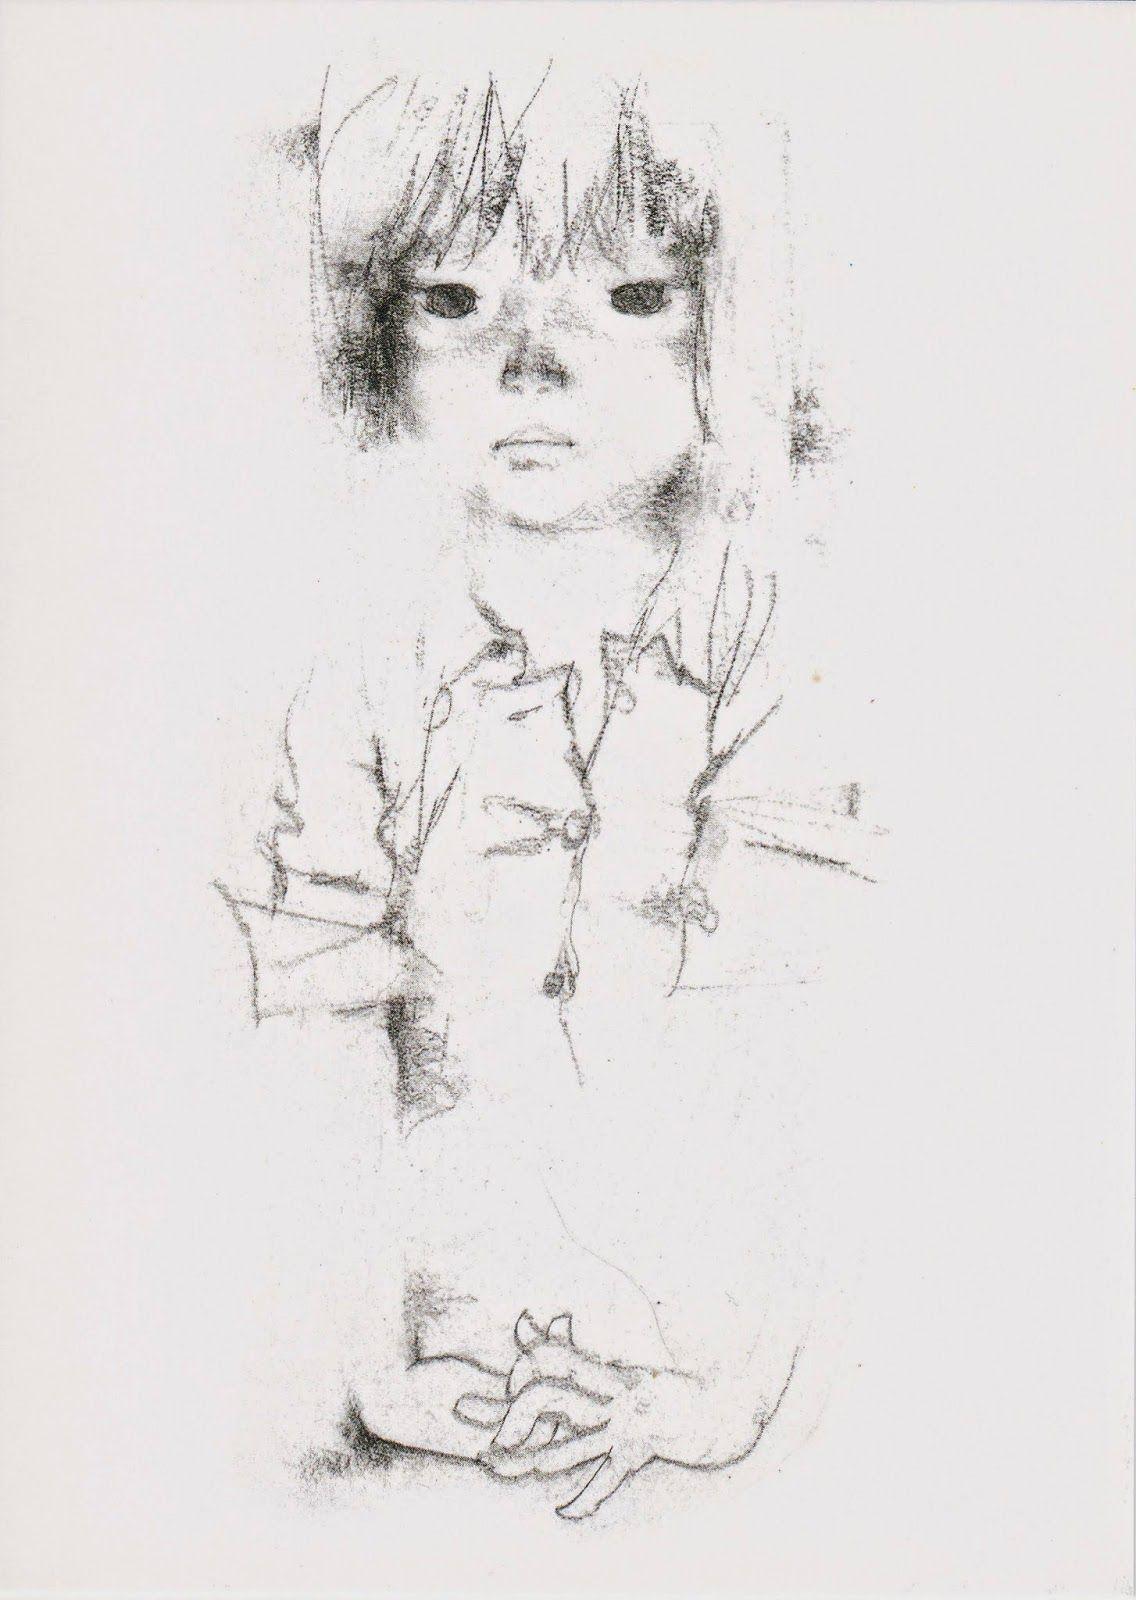 いわさきちひろchihiroiwasaki Draw いわさきちひろ デッサン